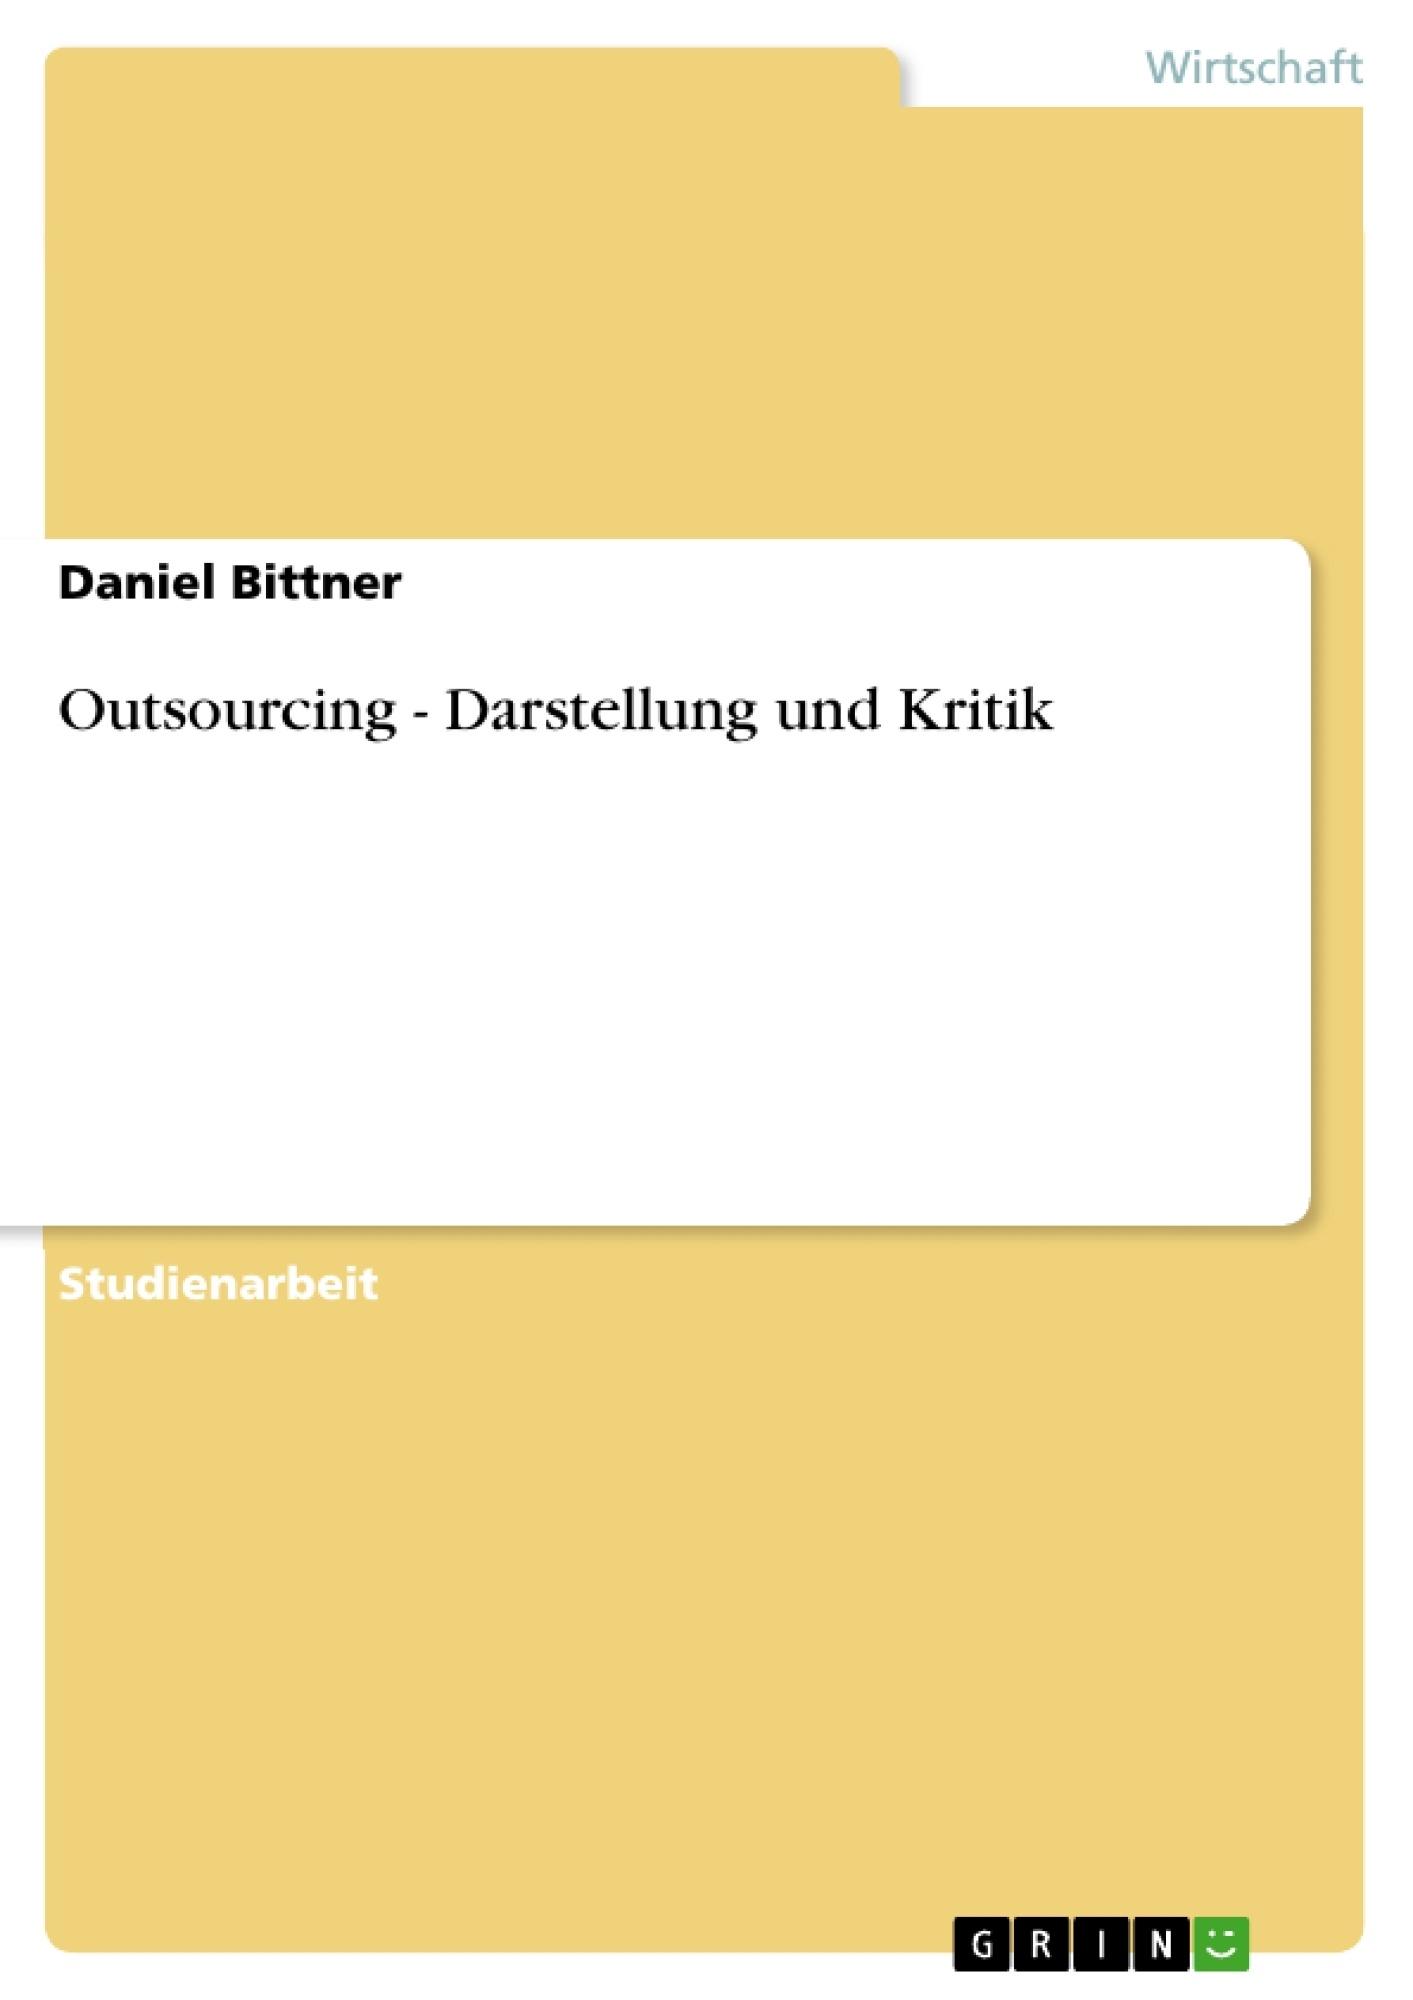 Titel: Outsourcing - Darstellung und Kritik